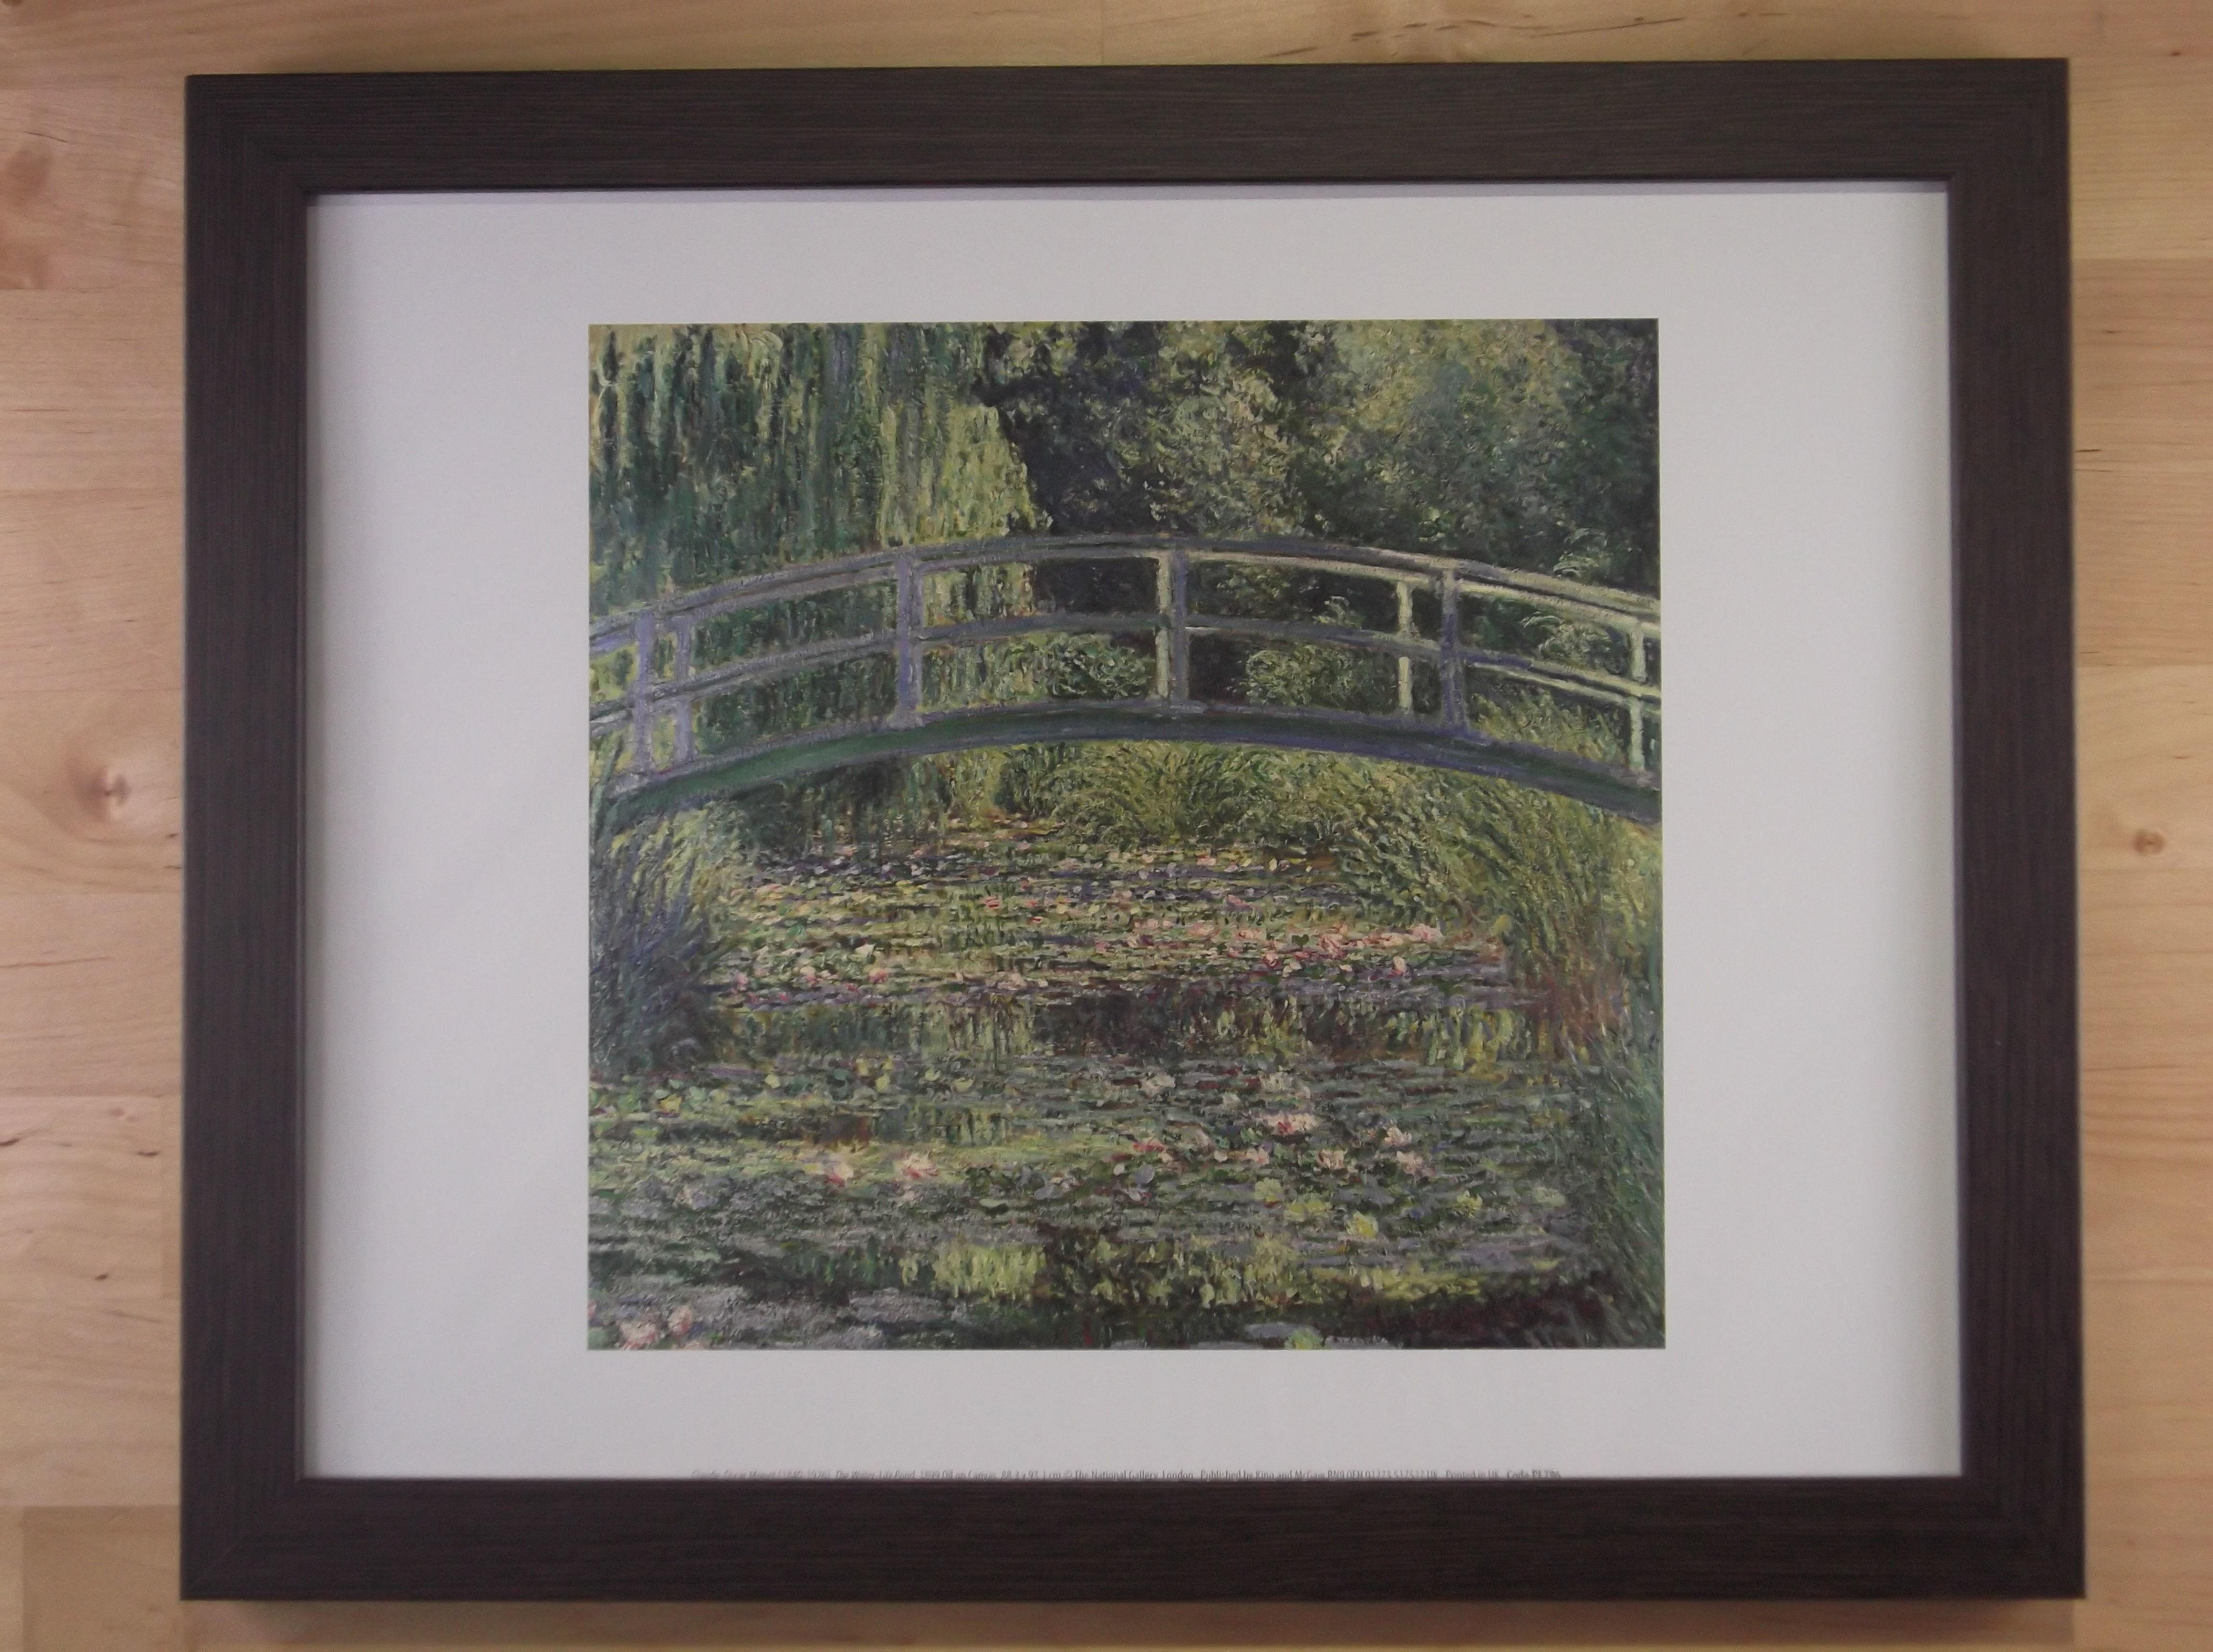 モネ 睡蓮の池 ダークブラウン色額縁絵画プリント(ロンドン ナショナルギャラリー所蔵)